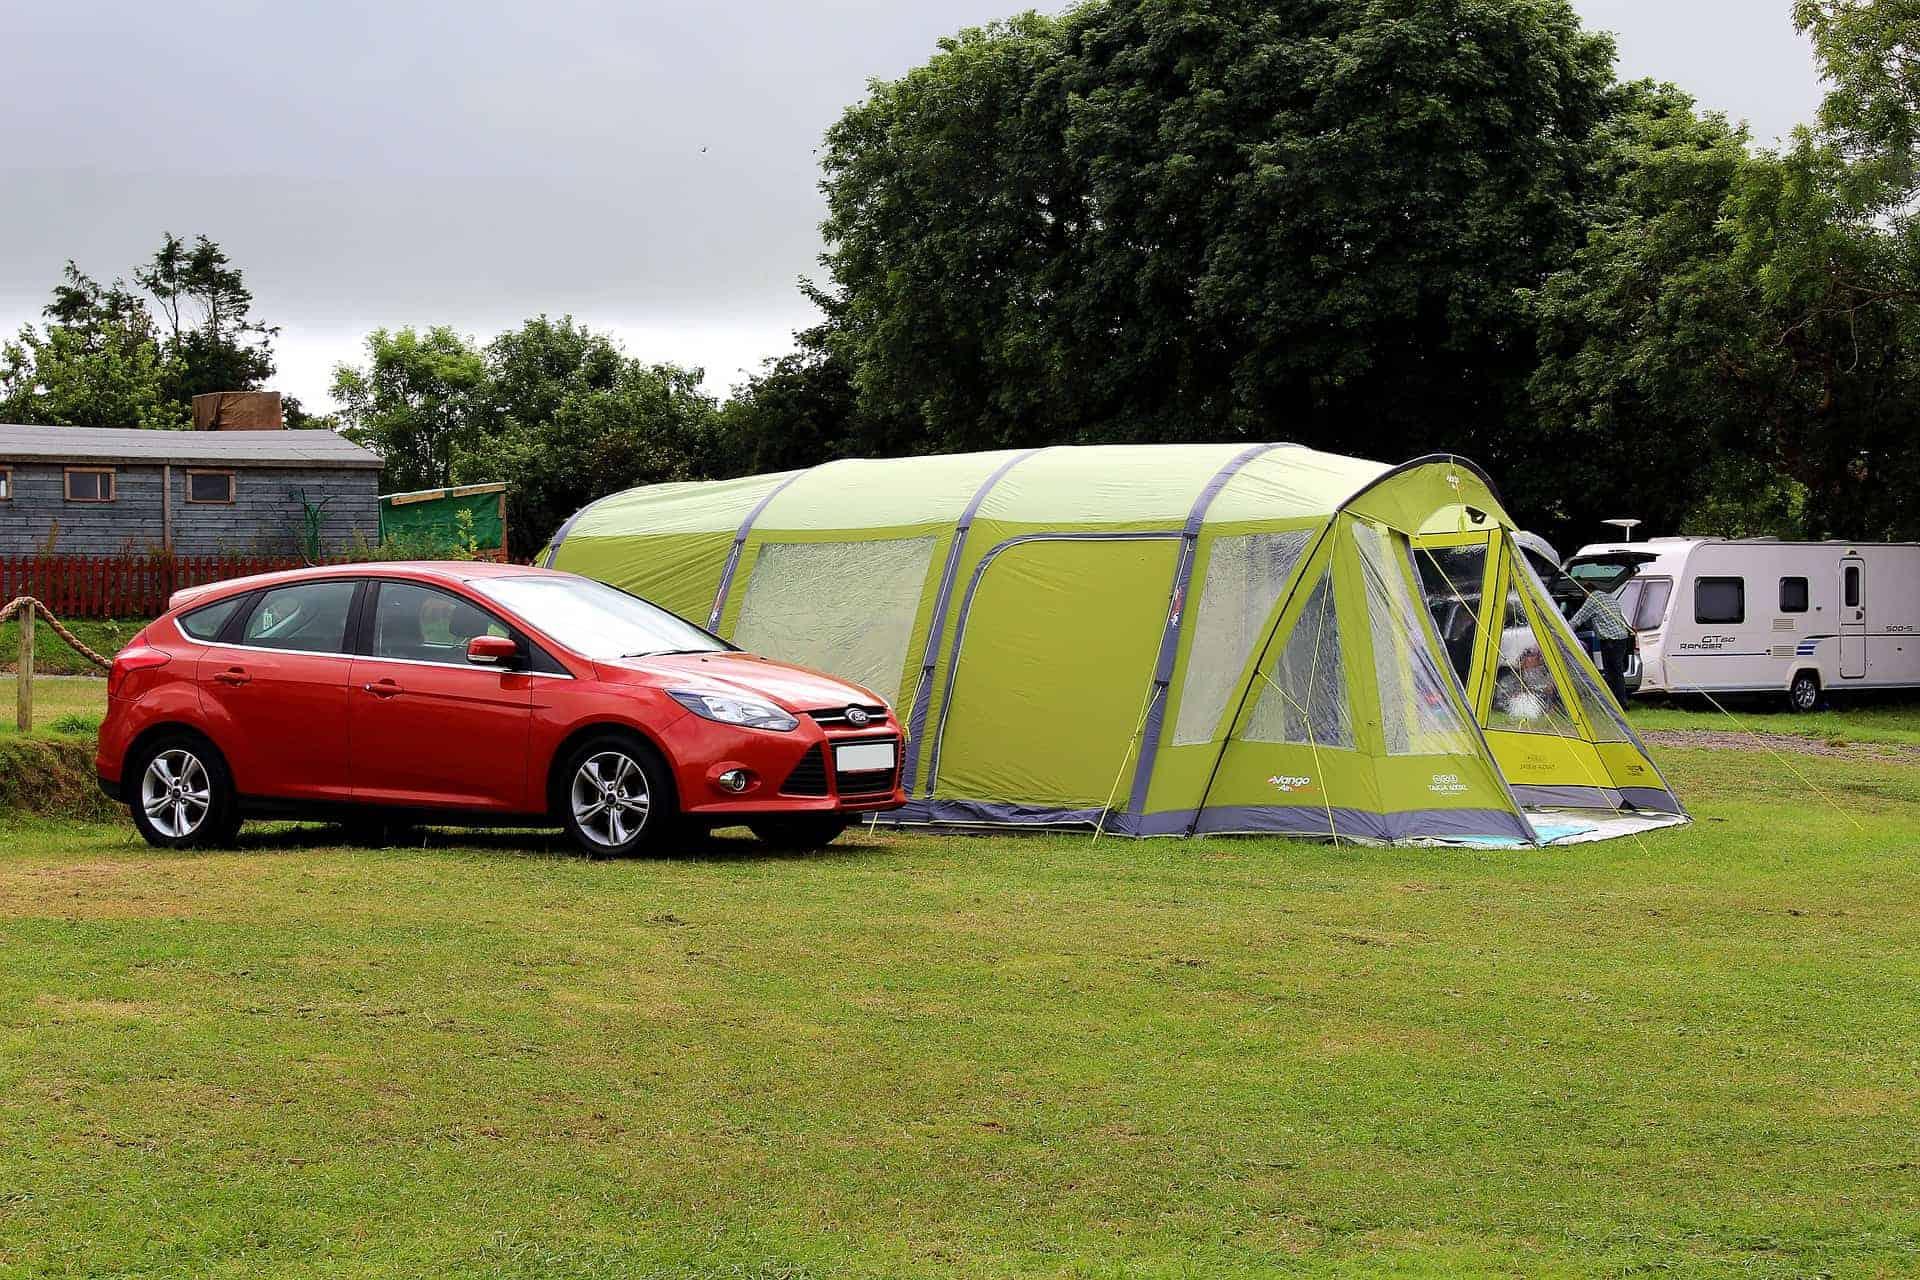 Bedste telt til 6 personer